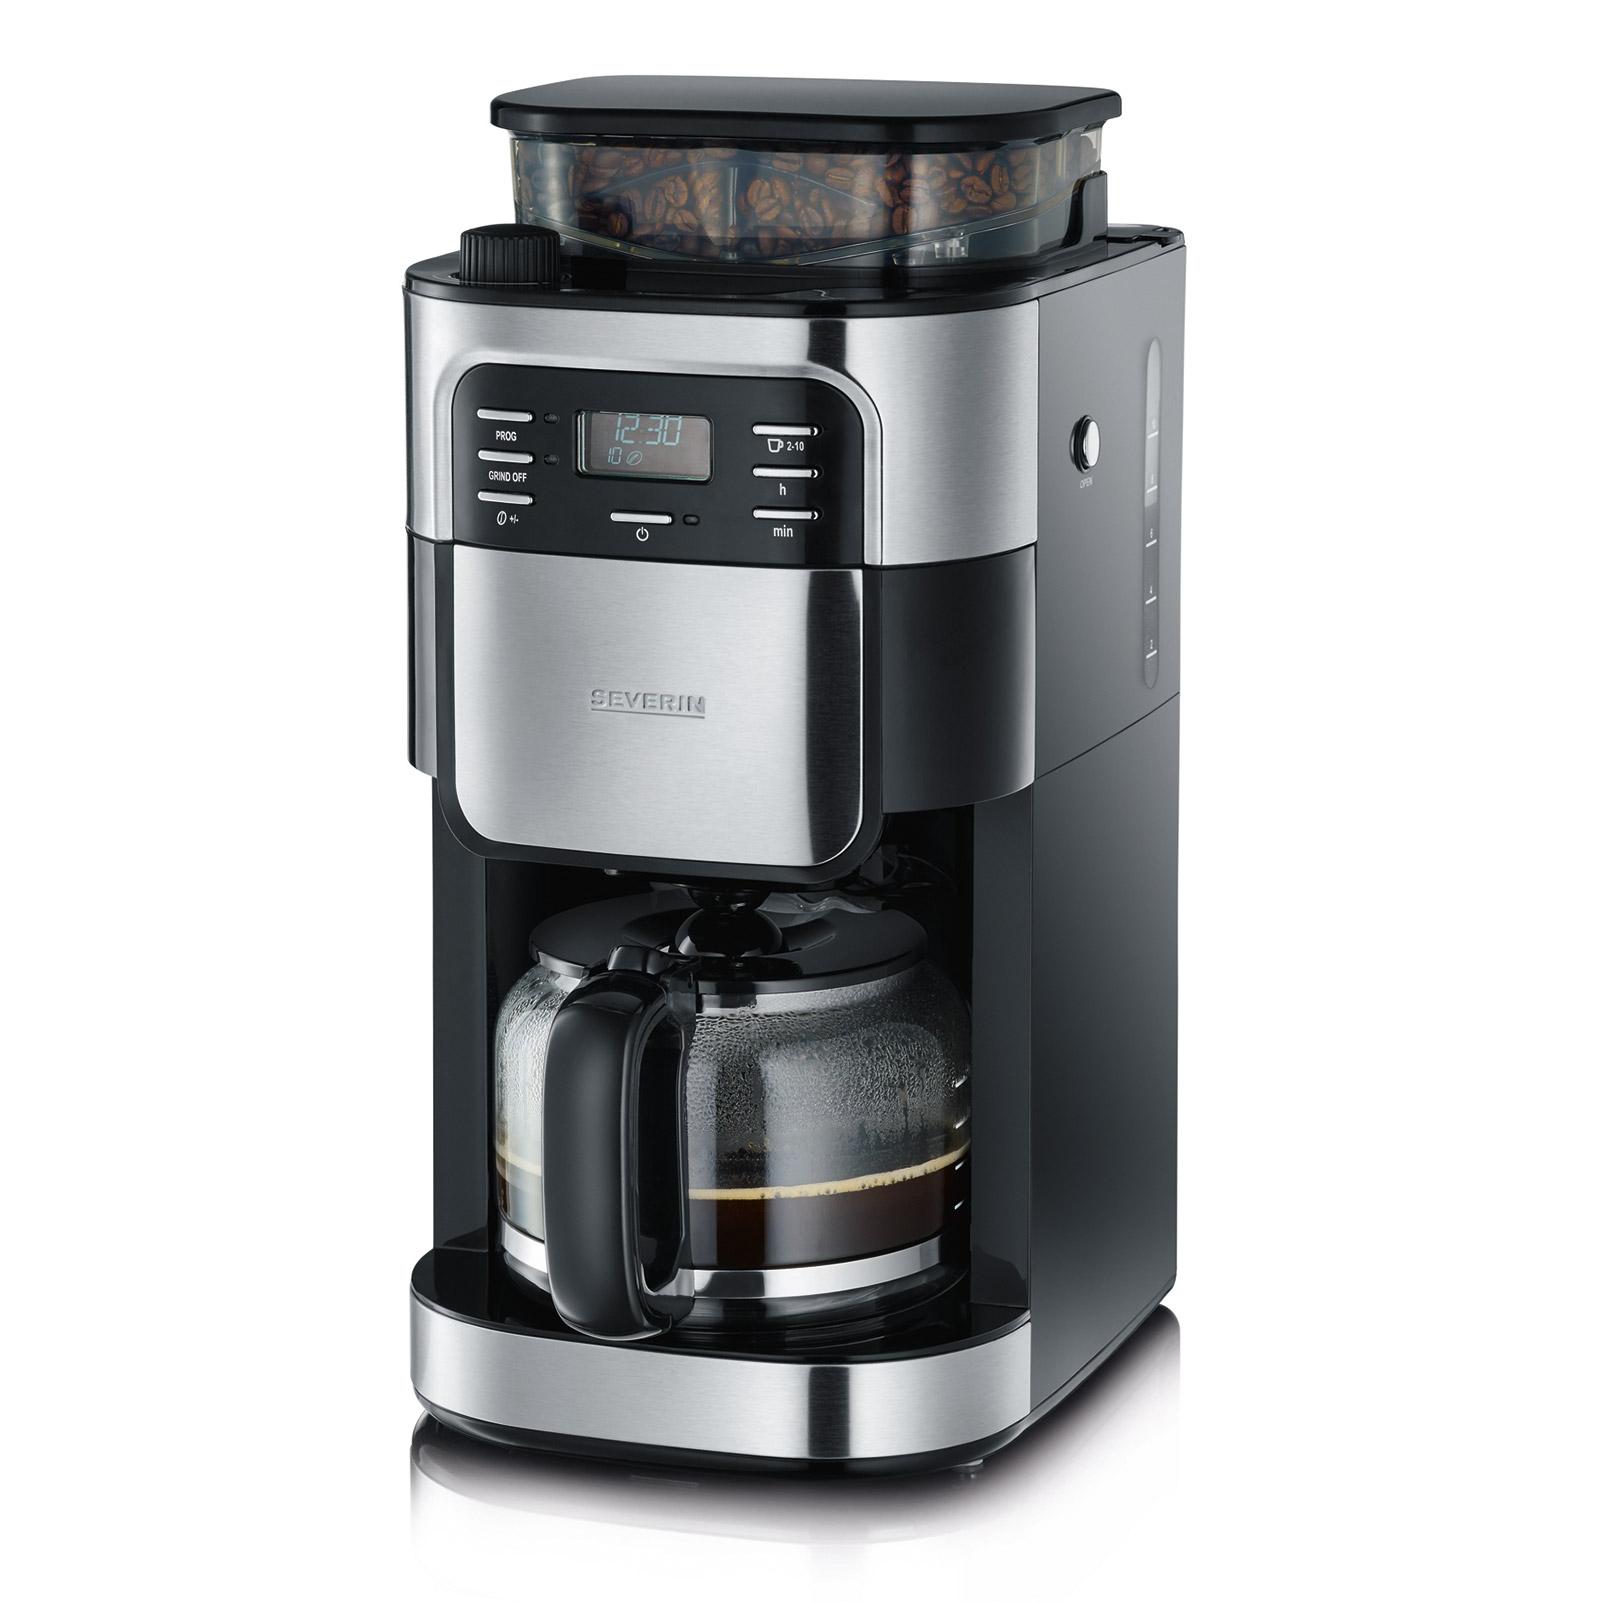 Die Filterkaffeemaschine mit Mahlwerk KA 4810 von SEVERIN sorgt dank integriertem Mahlwerk für frisch gemahlenen Kaffeegenuss.